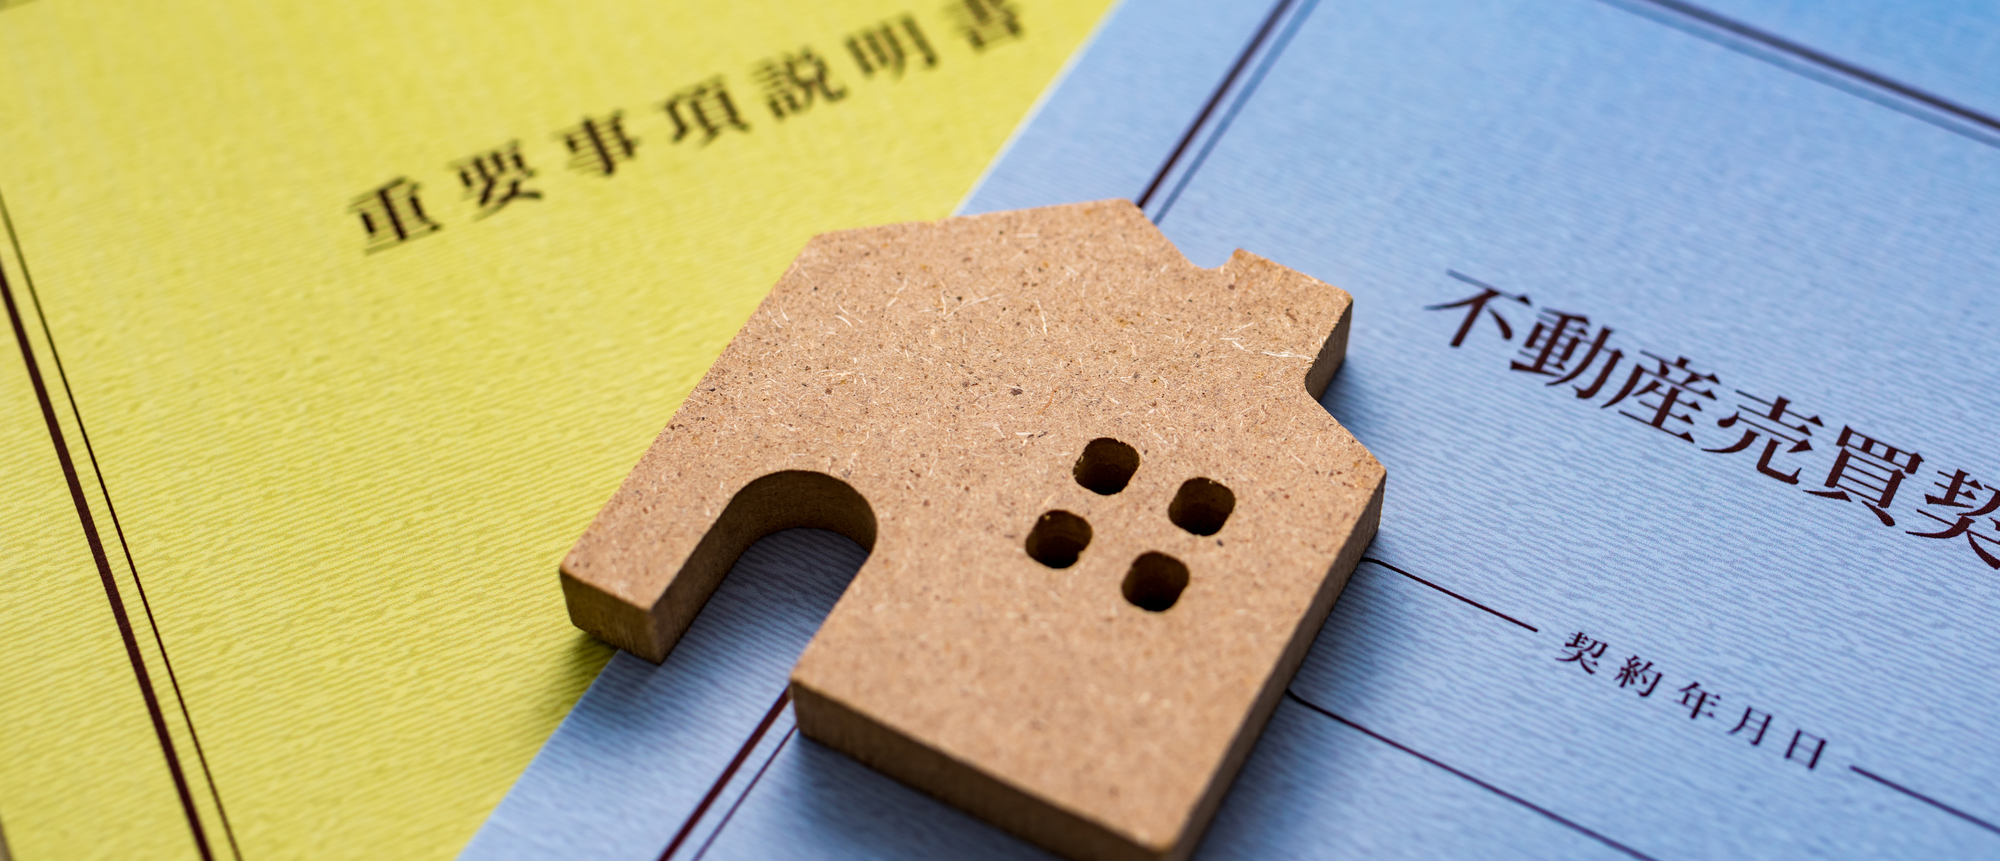 個人事業主でも賃貸契約の審査をスムーズに通るために知っておきたいポイント